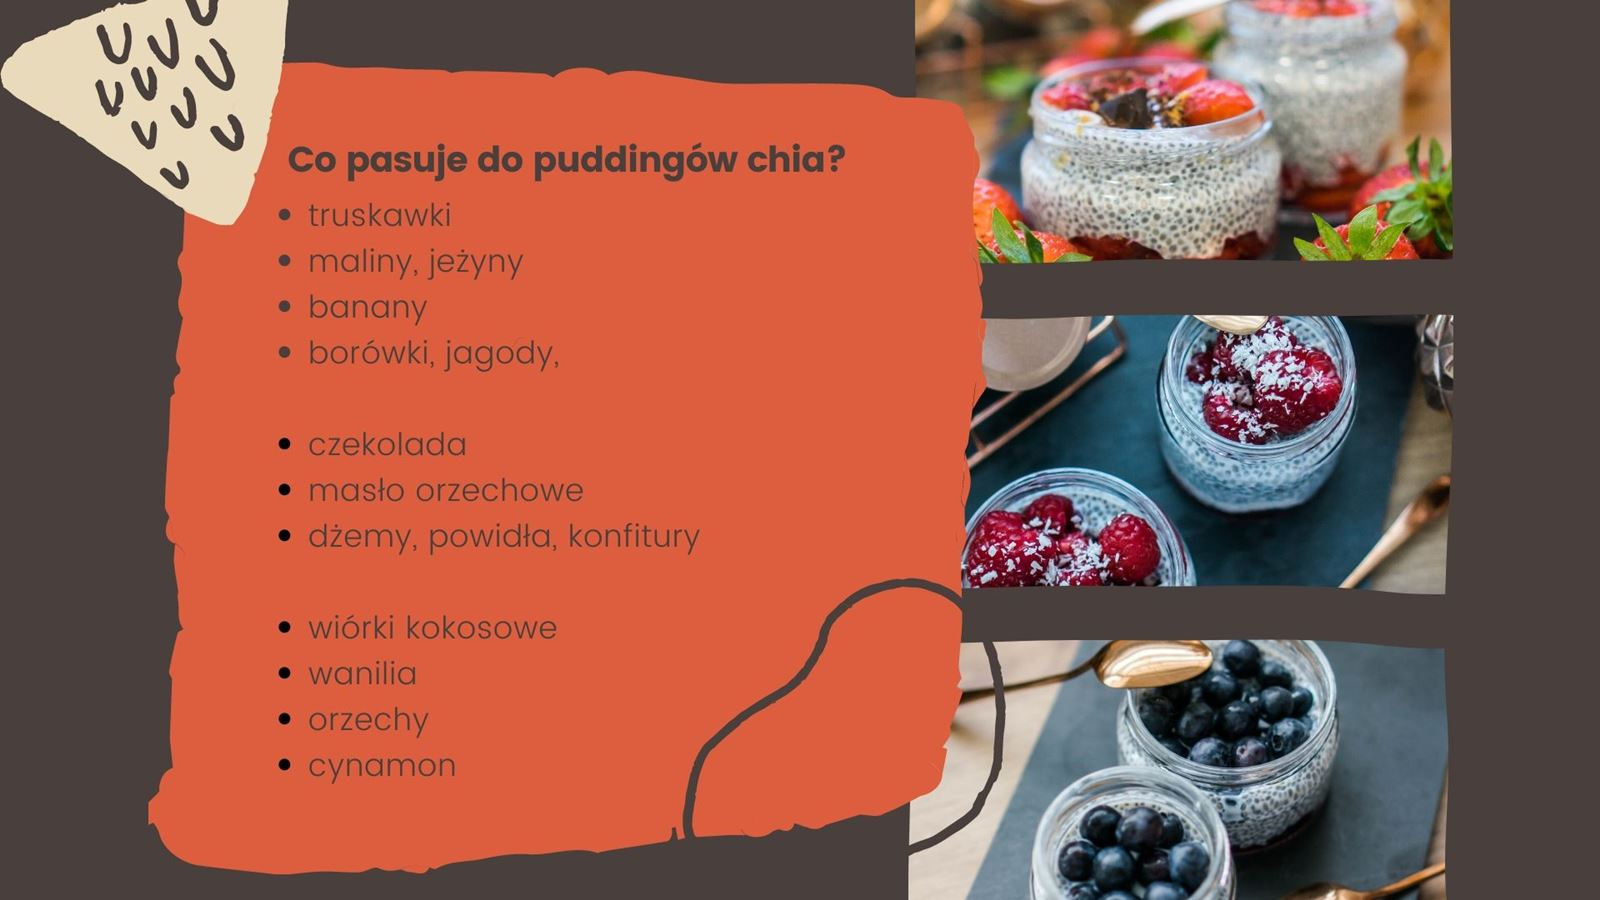 3 jak zrobić zdrowy i szybki deser z nasionami chia pudding chia przepis jak przygotować z truskawkami, pomysł na łatwy deser na sniadanie how make easy health pudding chia receipes